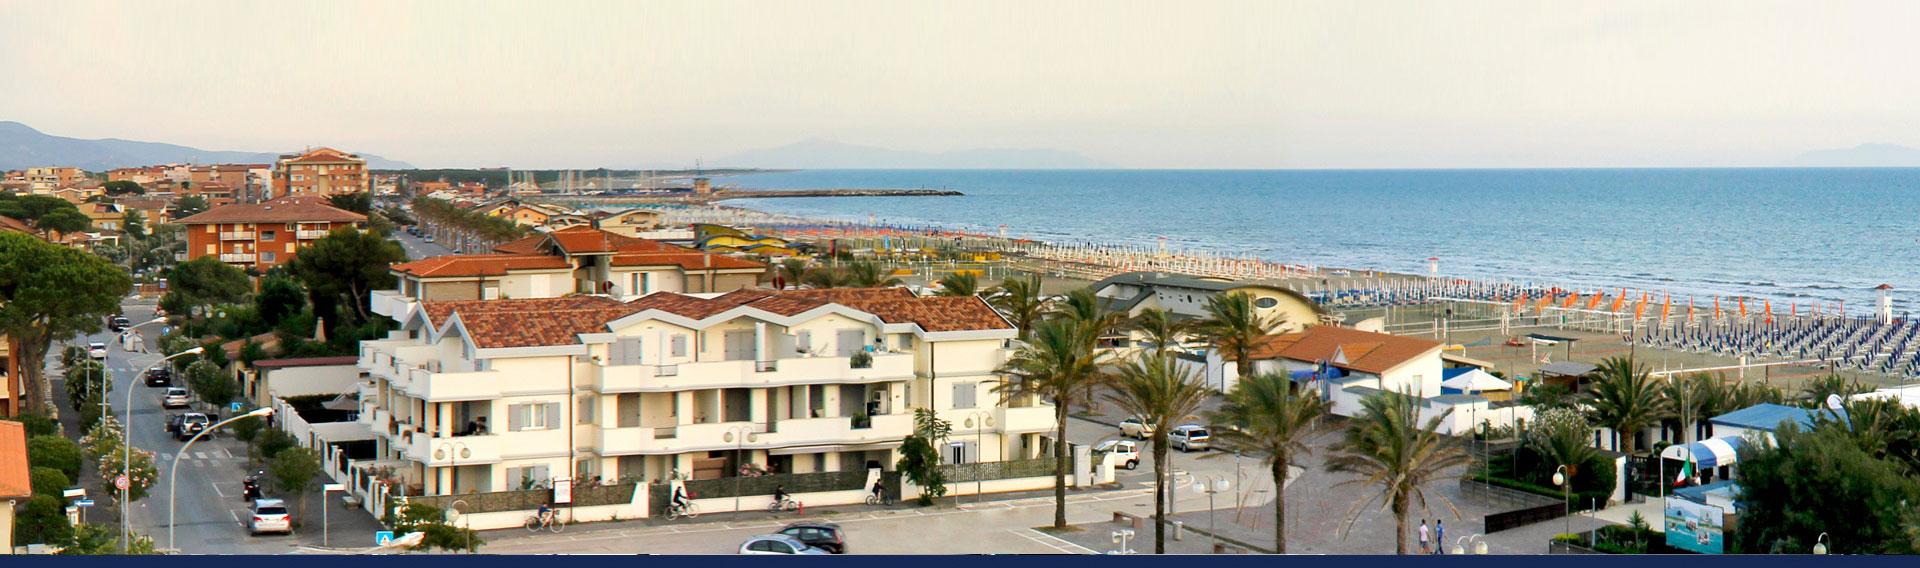 Maremma Hotel Sul Mare